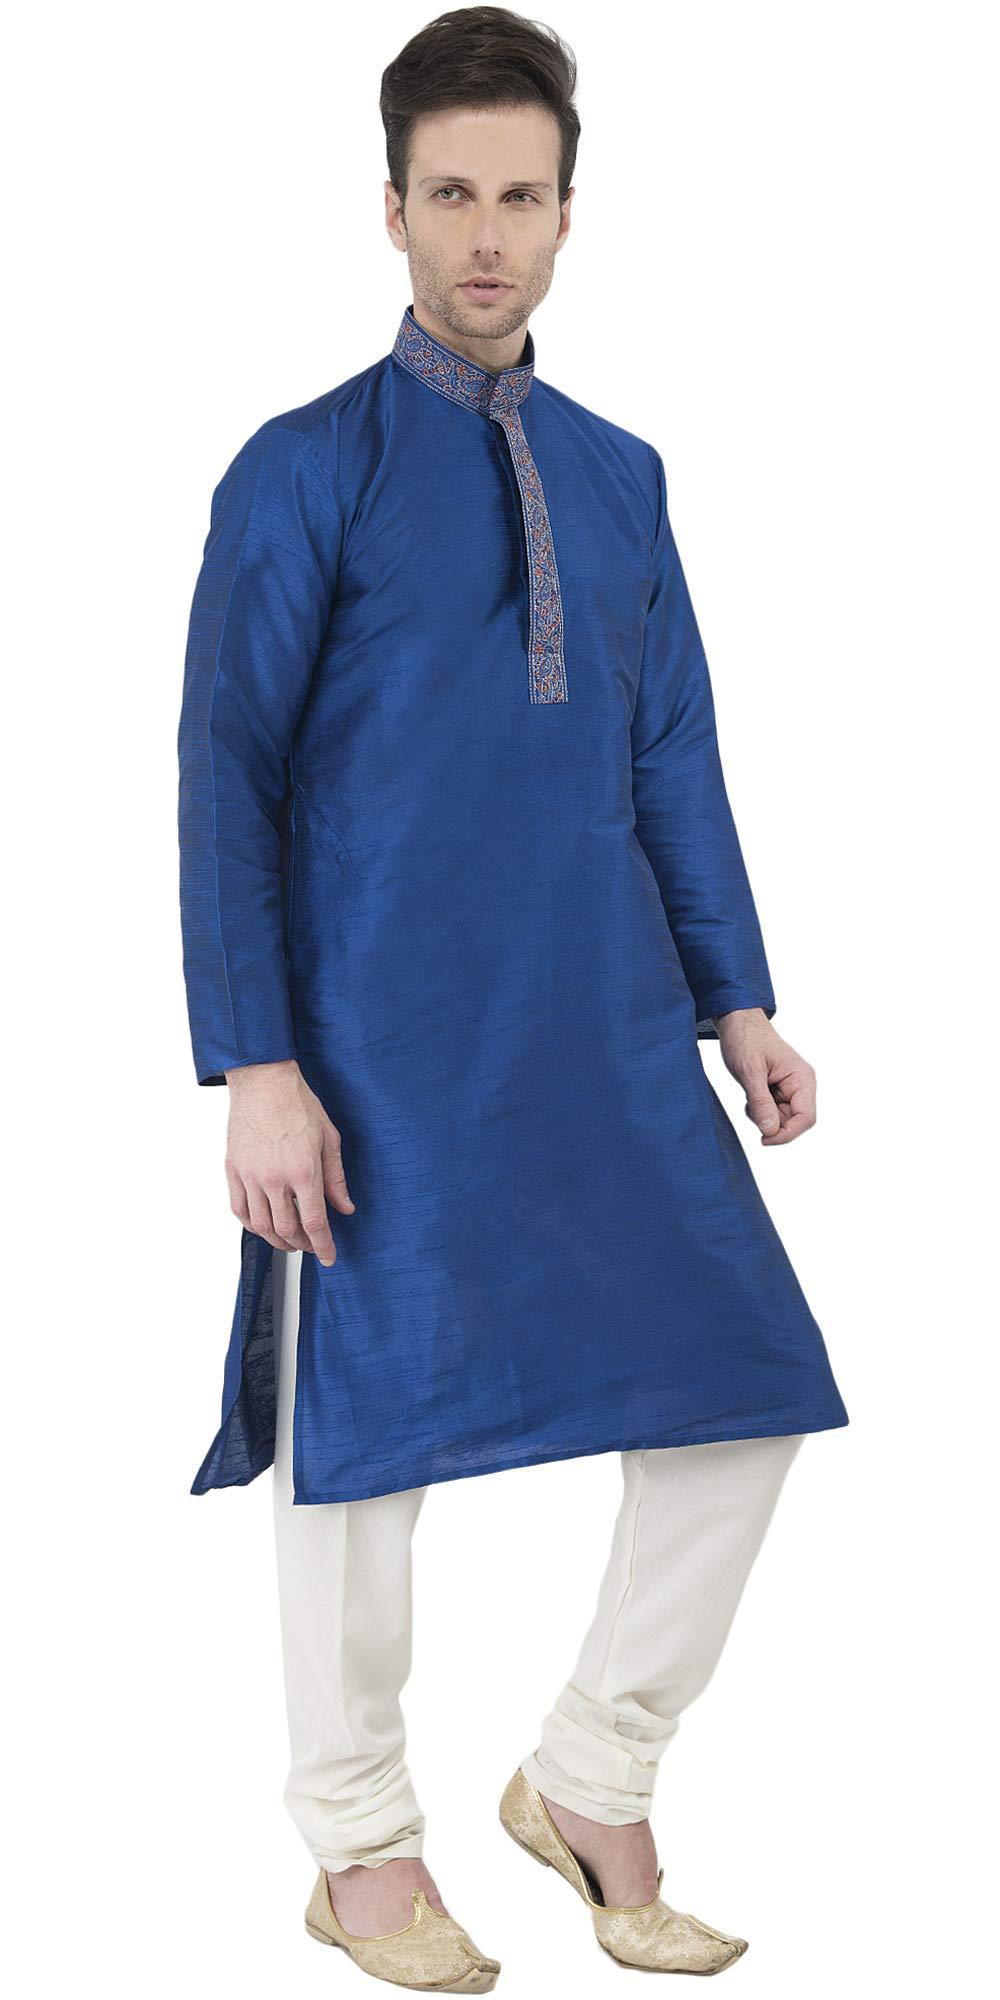 Indian Long Sleeve Kurta Pajama Dress Men Salwar Kameez Party and Wedding Wear -XL by SKAVIJ (Image #3)